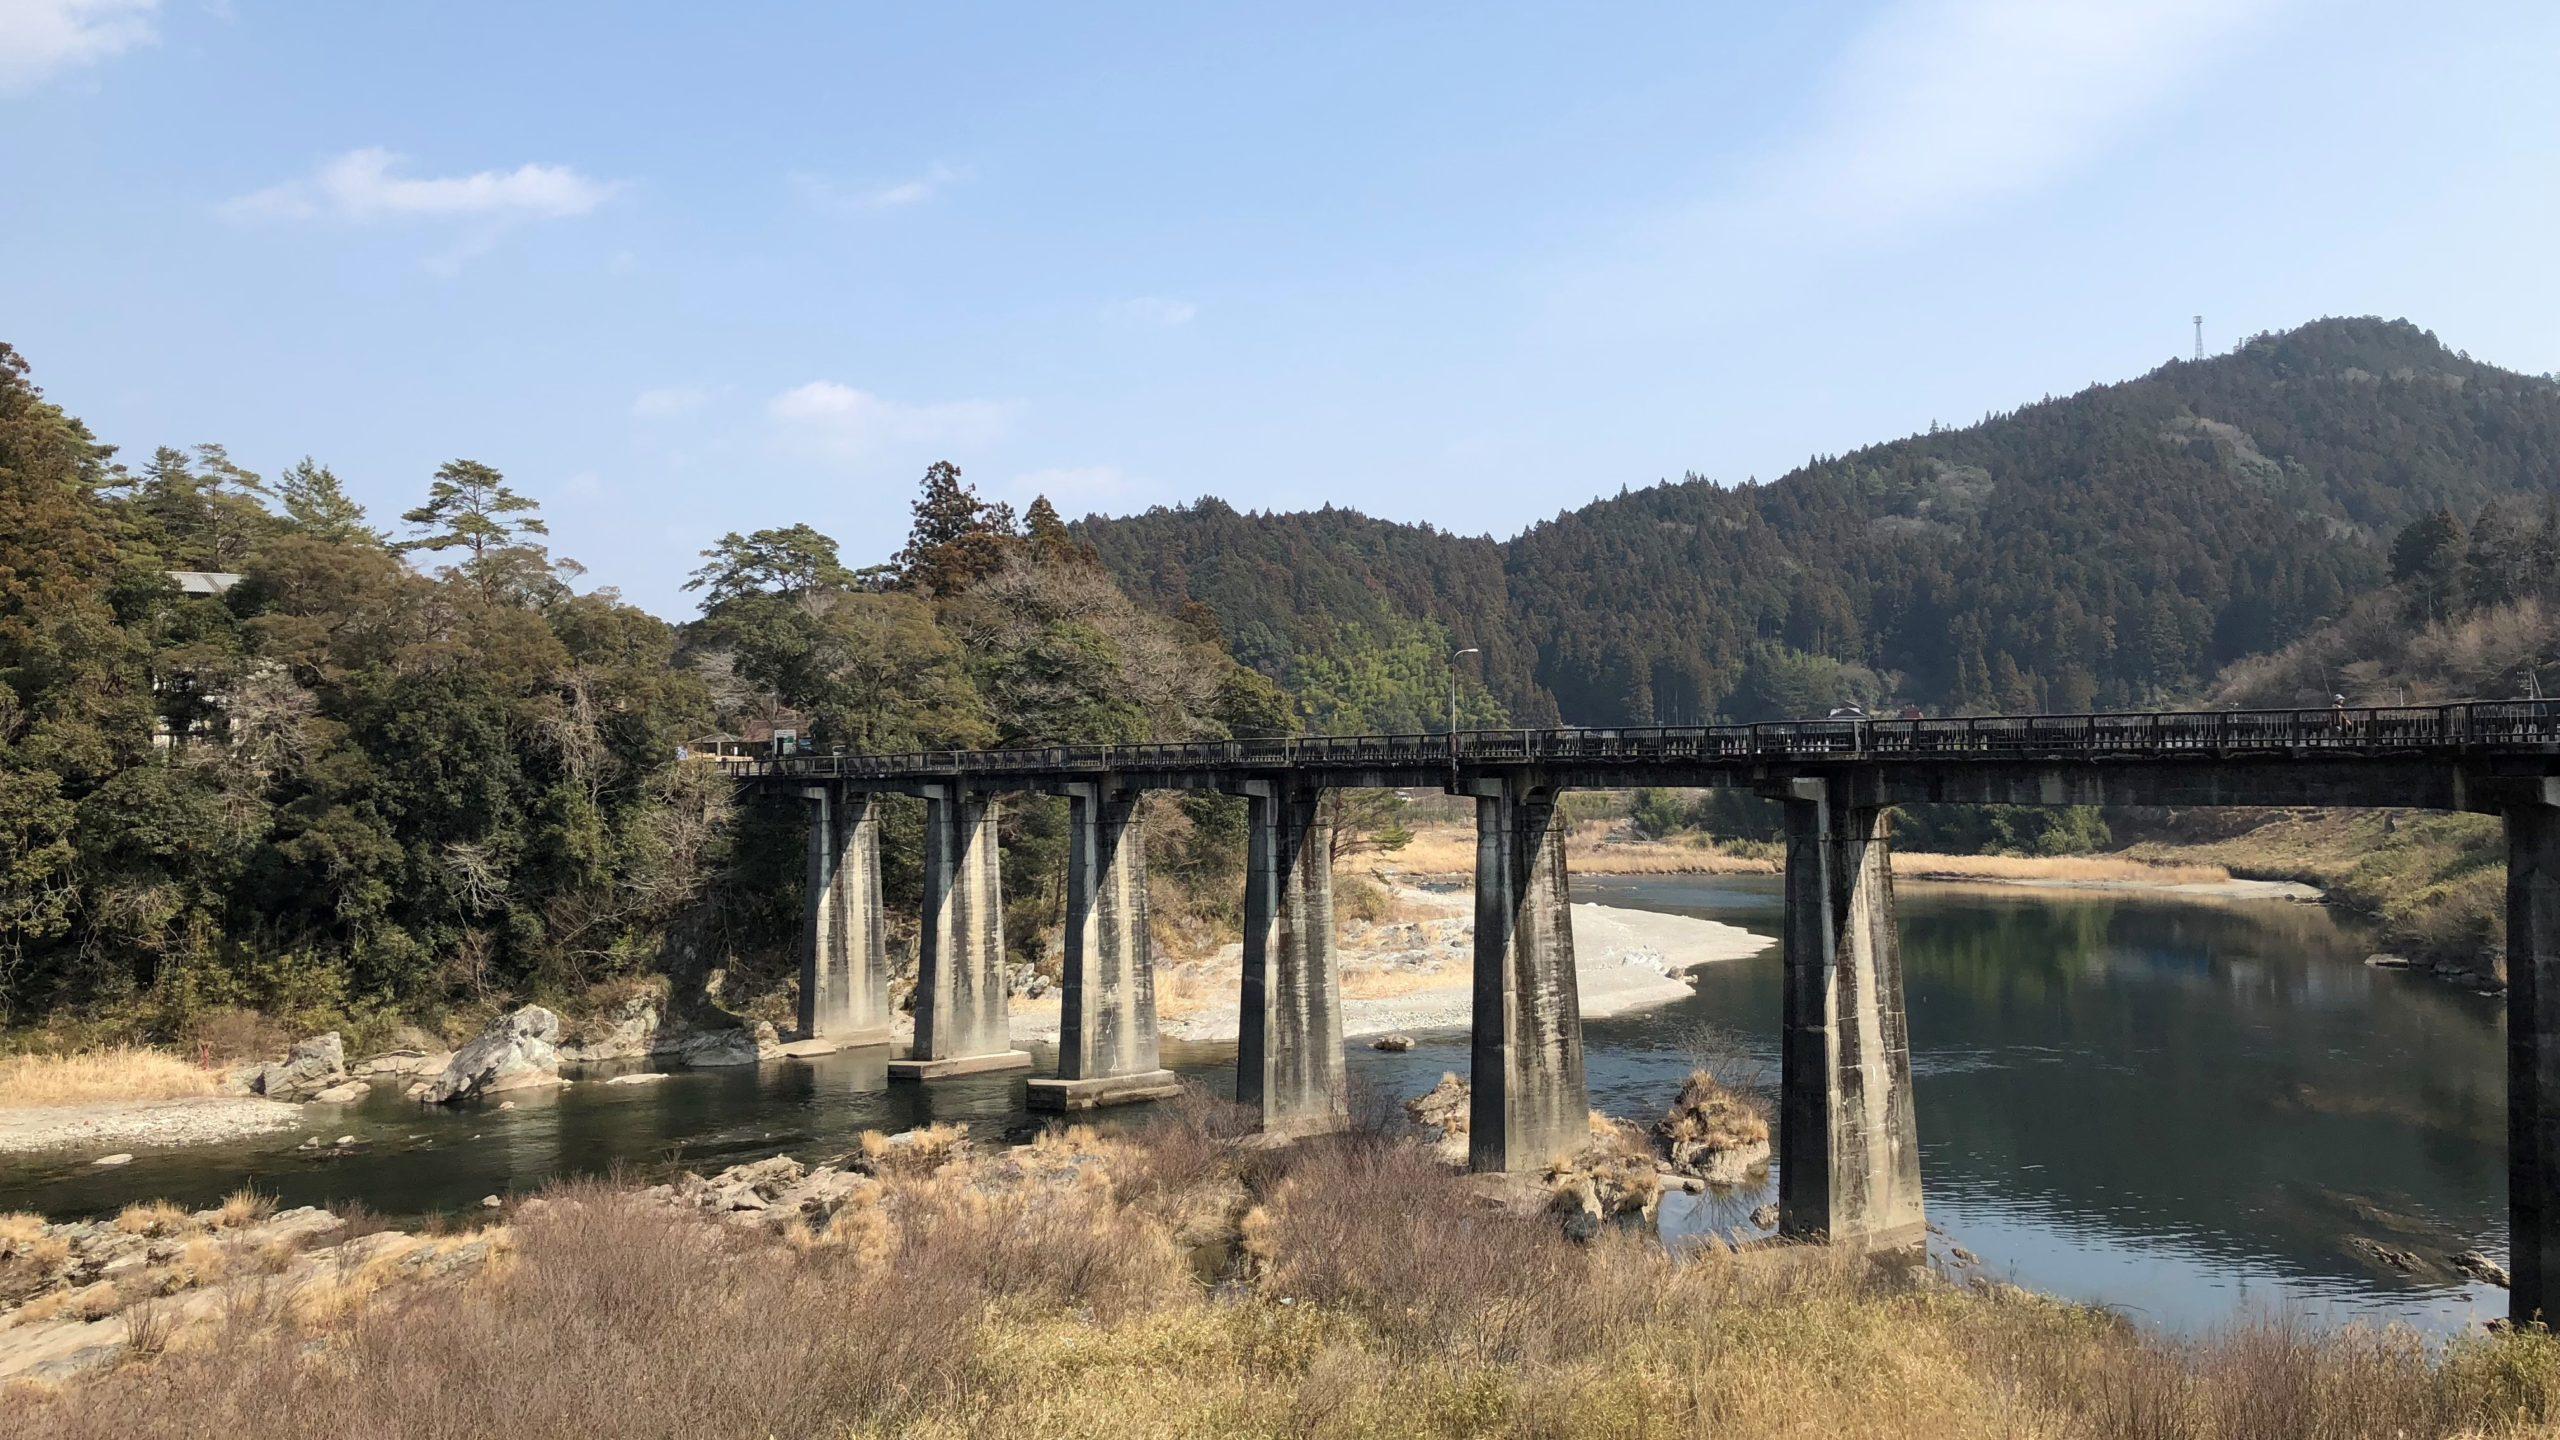 高知県のクライミング施設「本山町吉野クライミングセンター」